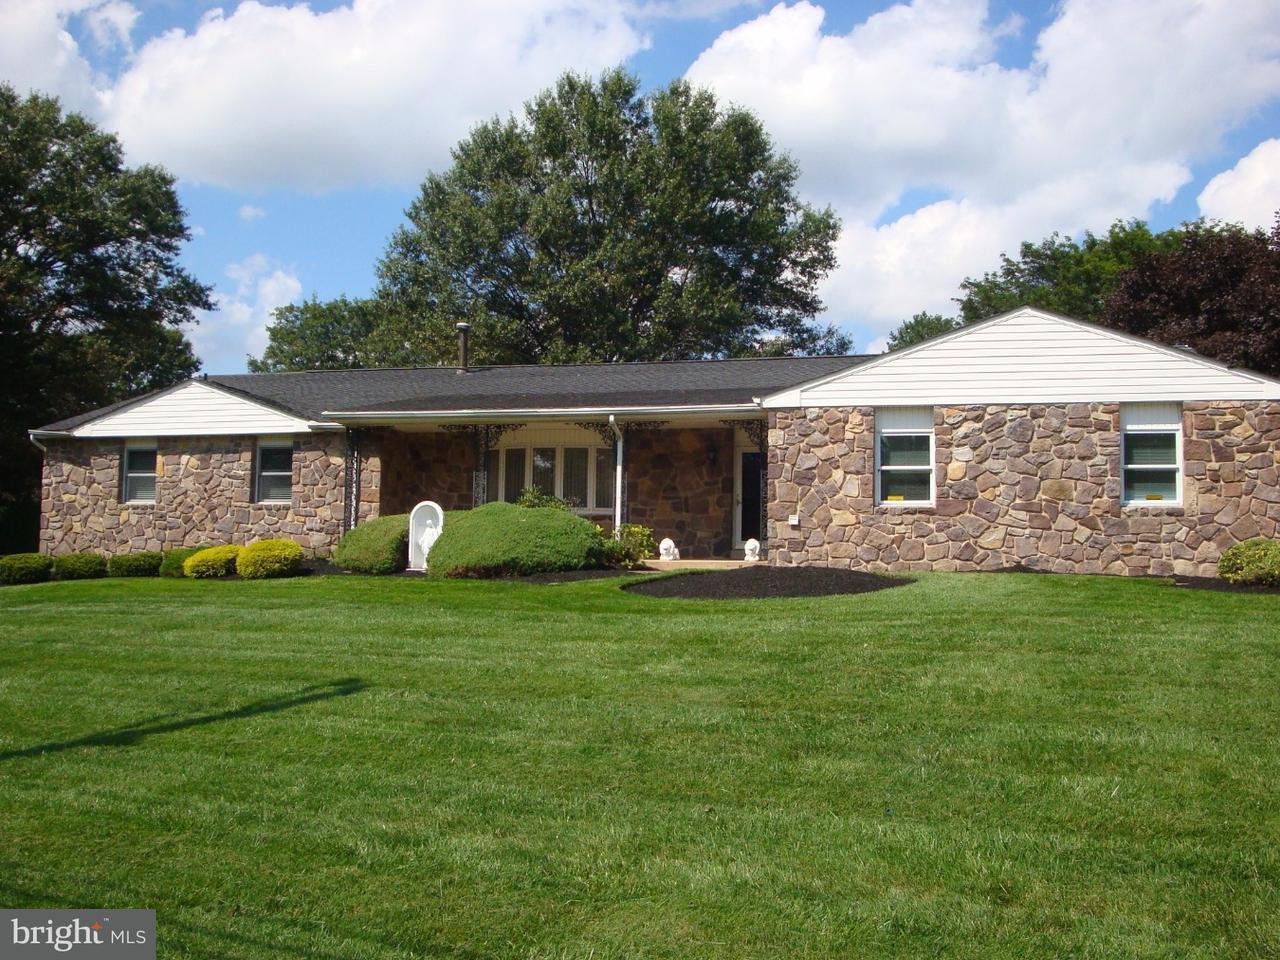 Maison unifamiliale pour l Vente à 6 JAMES Drive Richboro, Pennsylvanie 18954 États-Unis